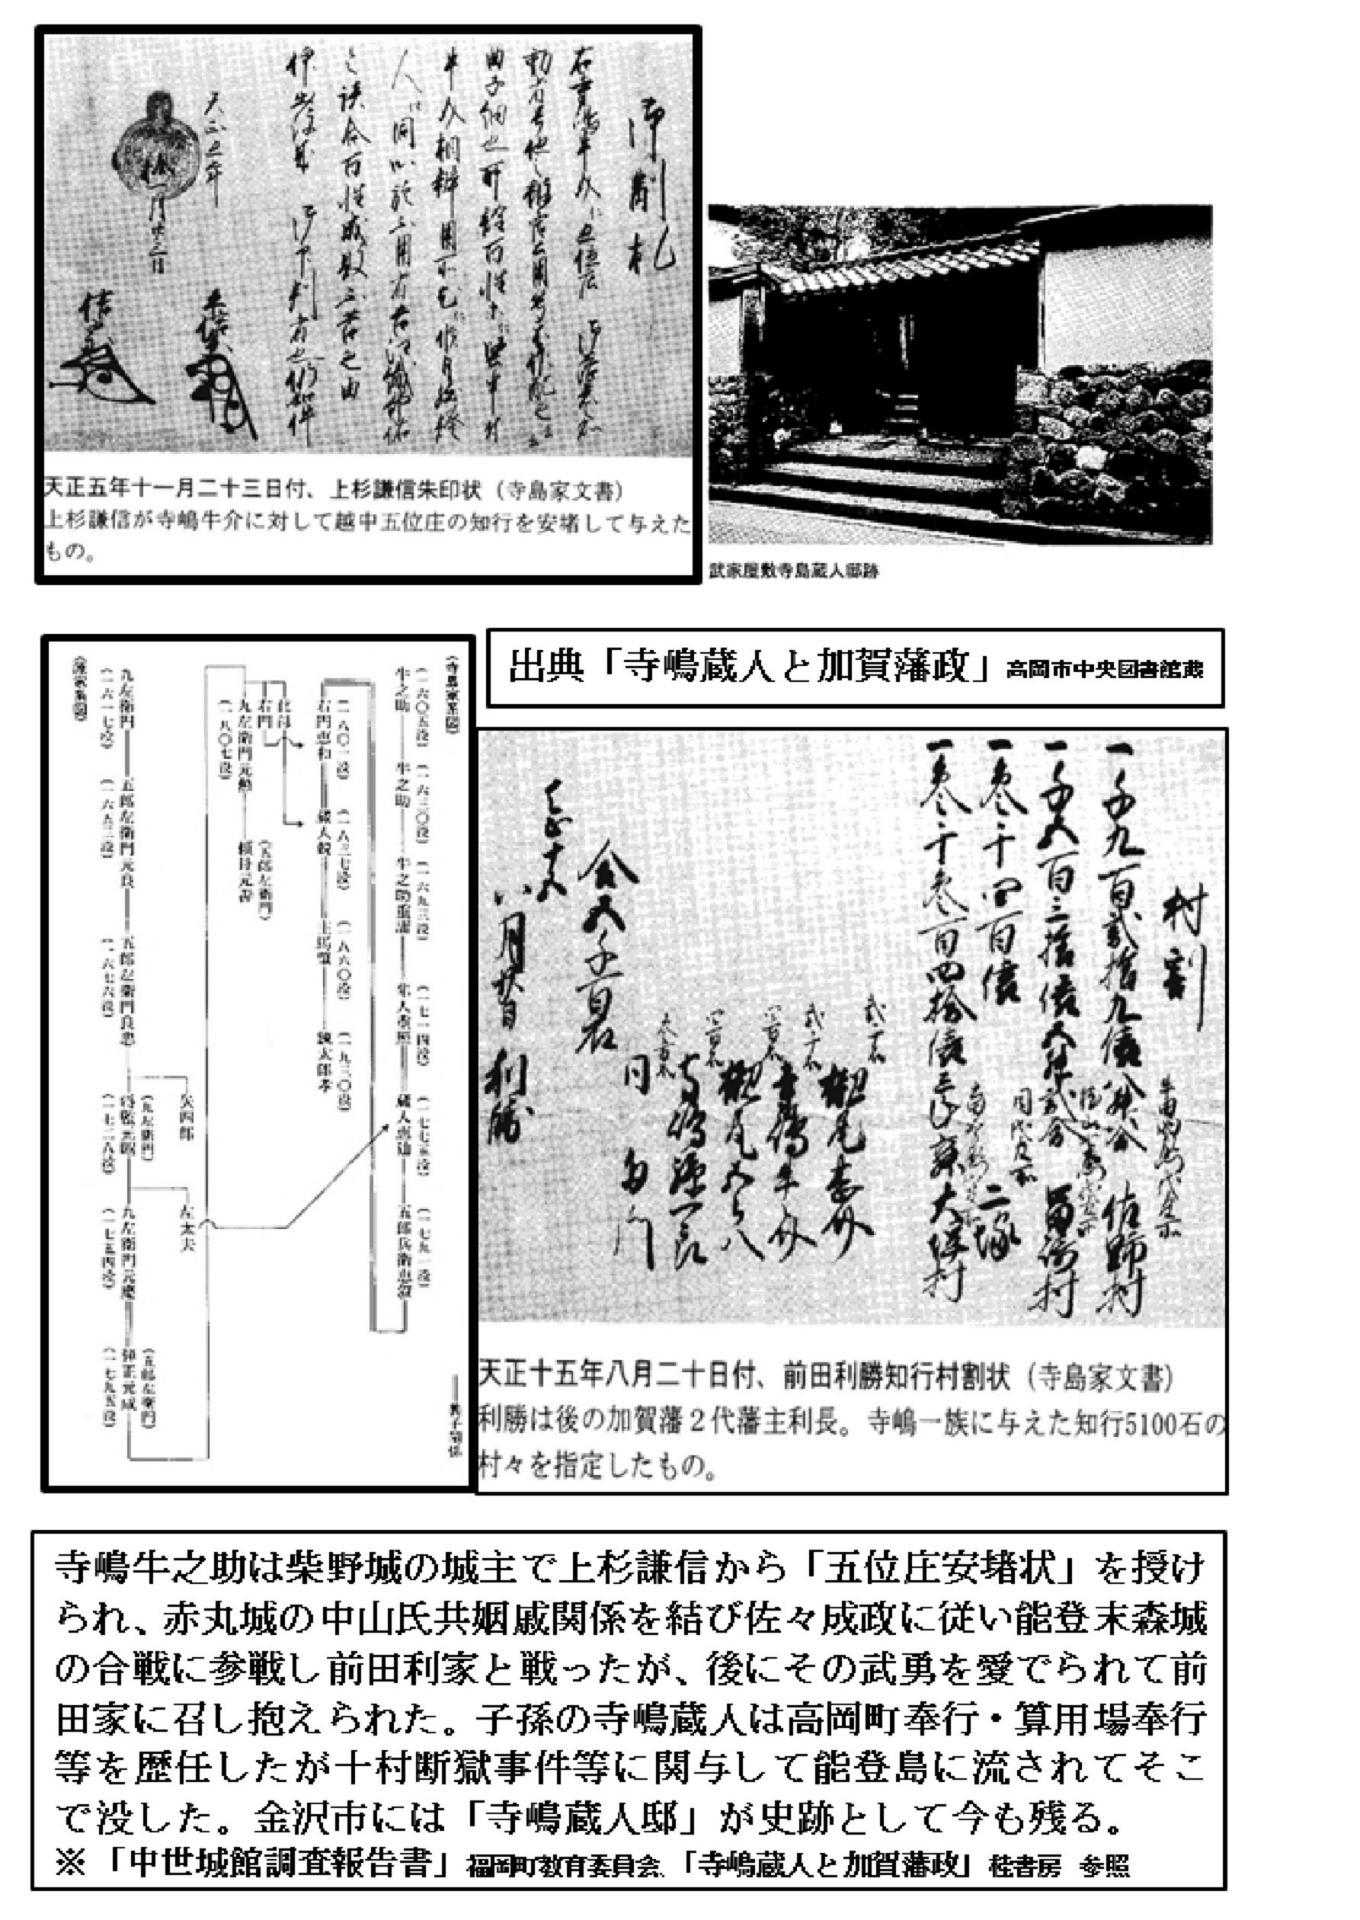 赤丸米のふるさとから 越中のささやき ぬぬぬ!!!(25ページ目)